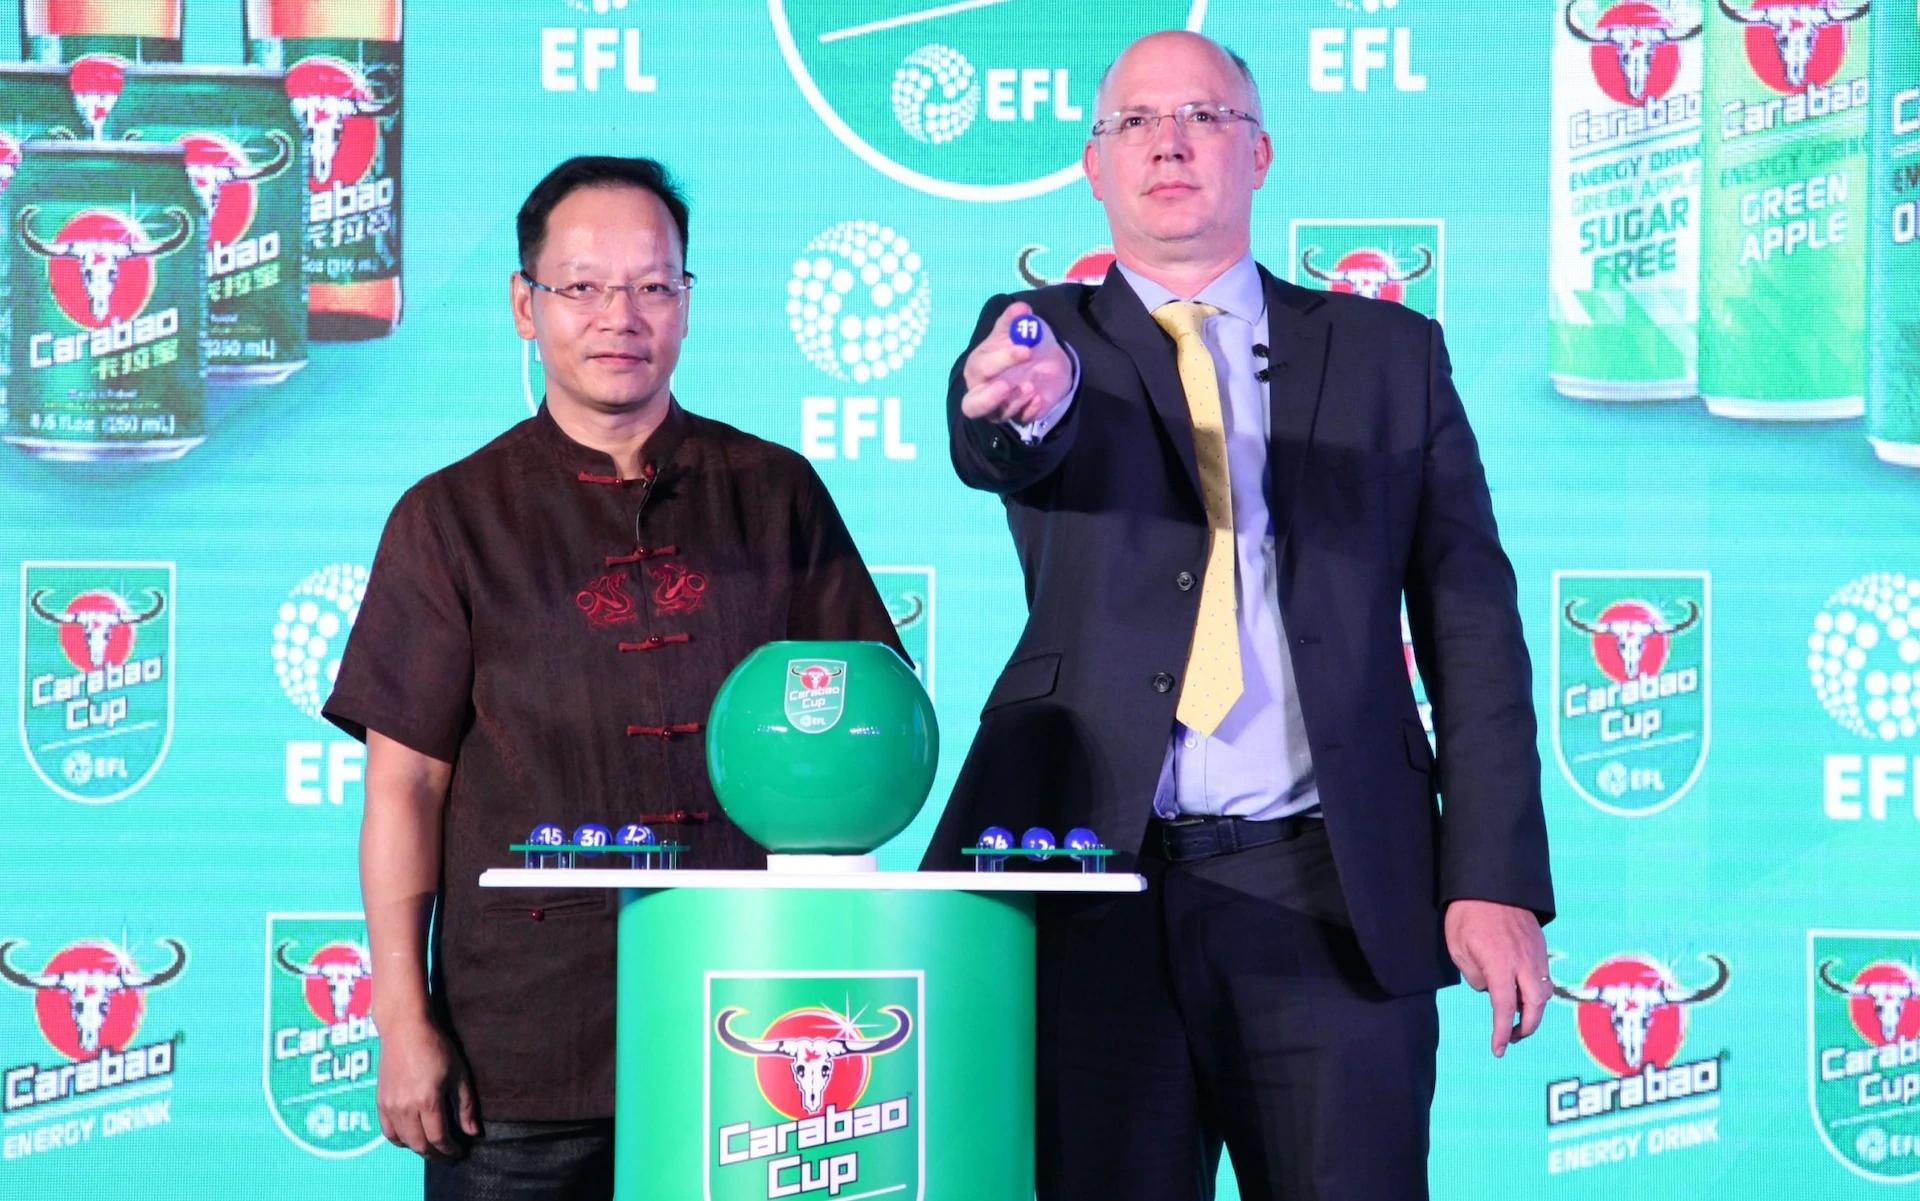 前英格兰足球联赛主席:我们曾想在太空进行卡拉宝杯抽签